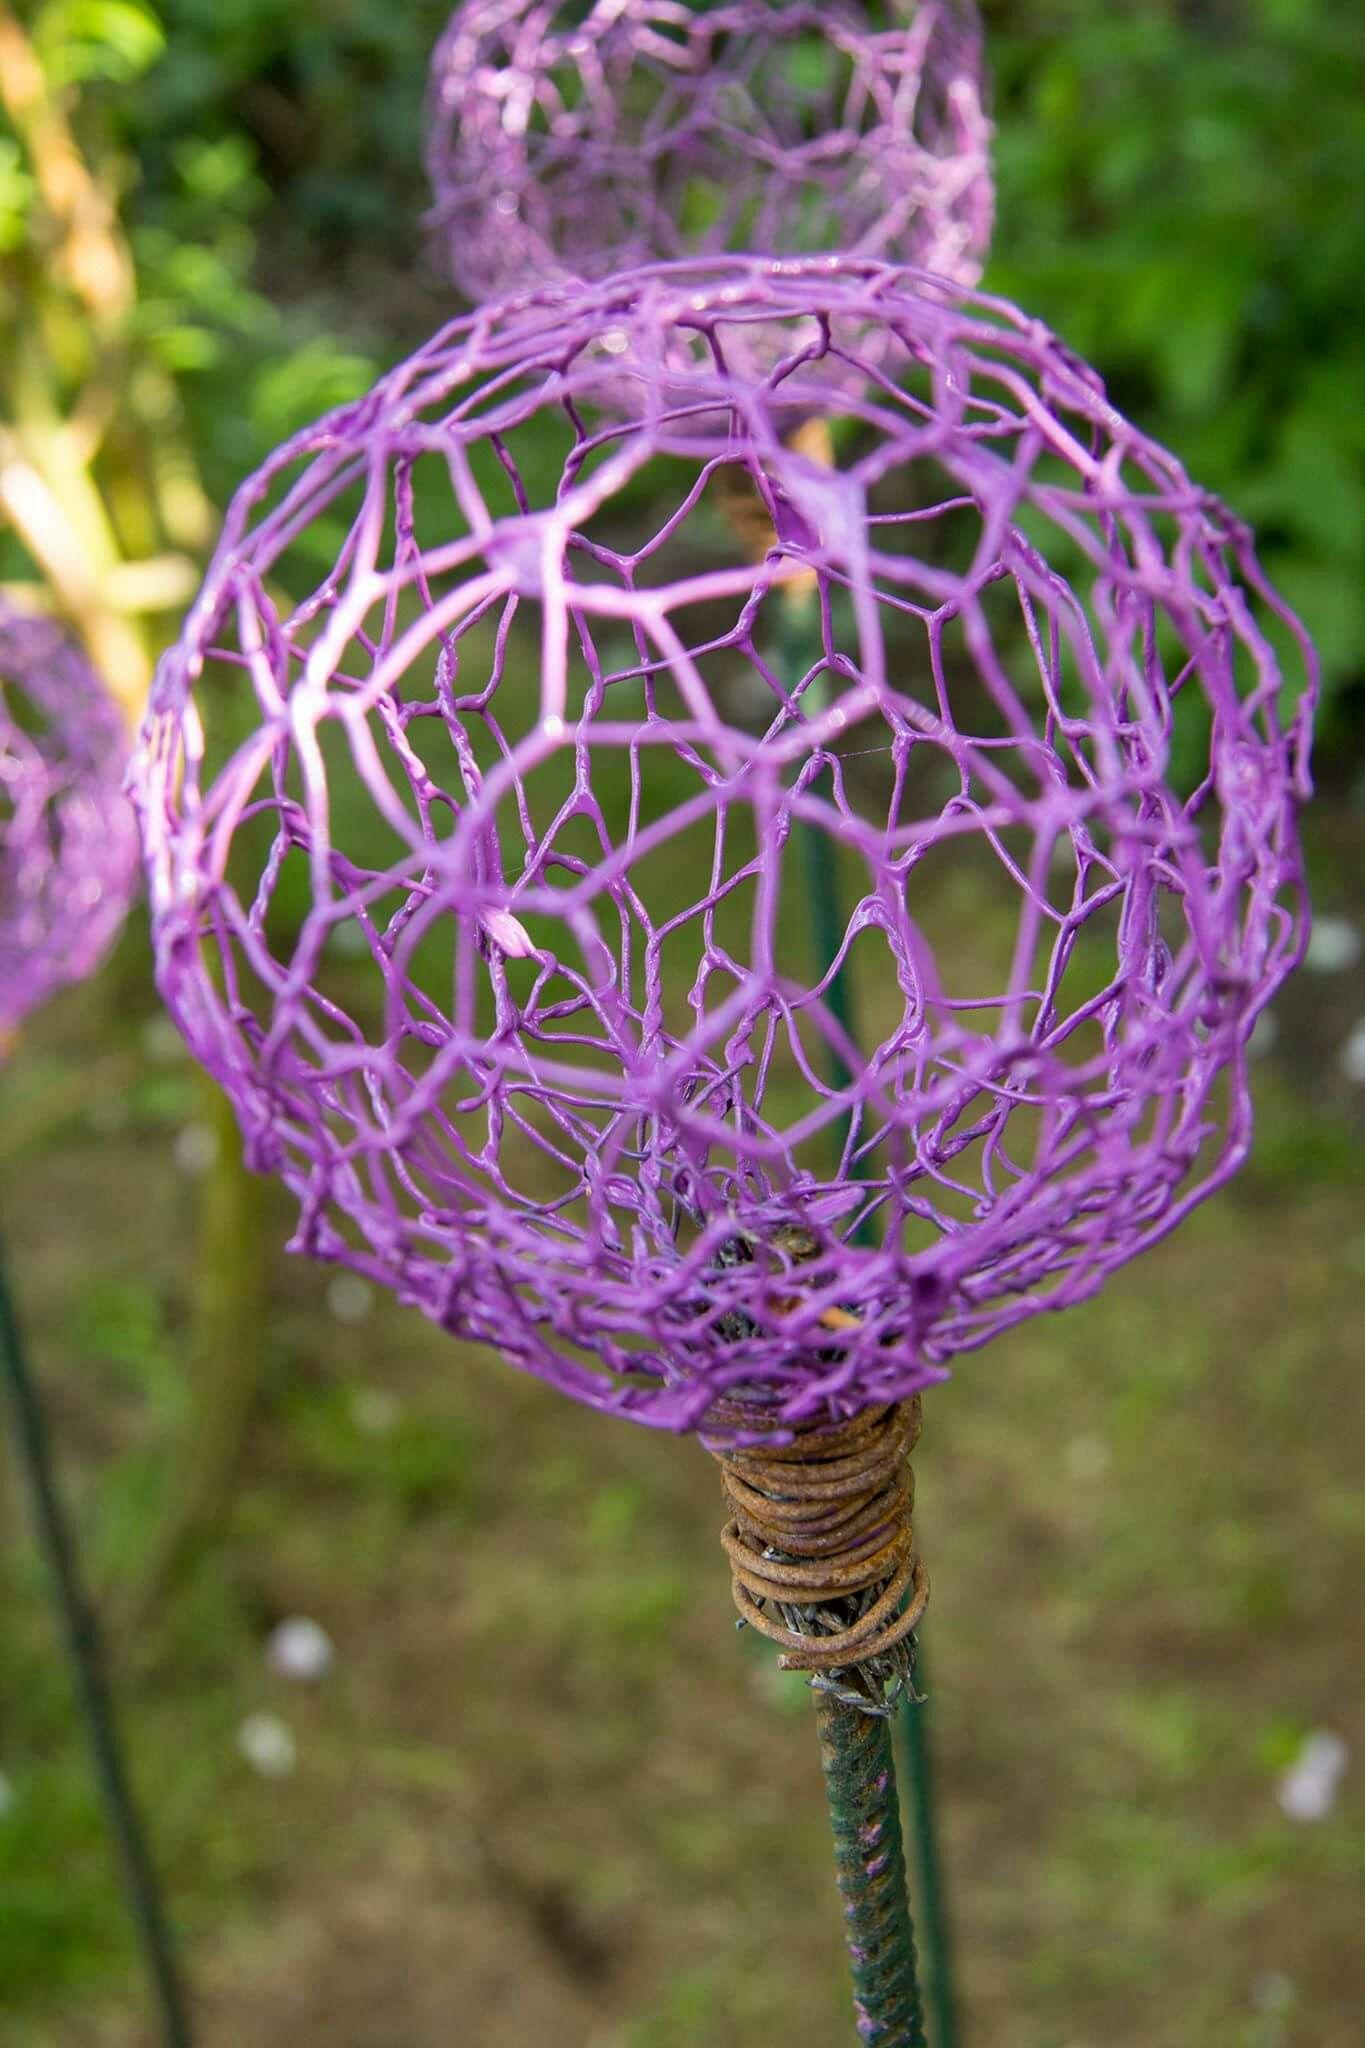 Alliumbollar Av H 246 Nsn 228 T Forma Bollar Av H 246 Nsn 228 T Kring En